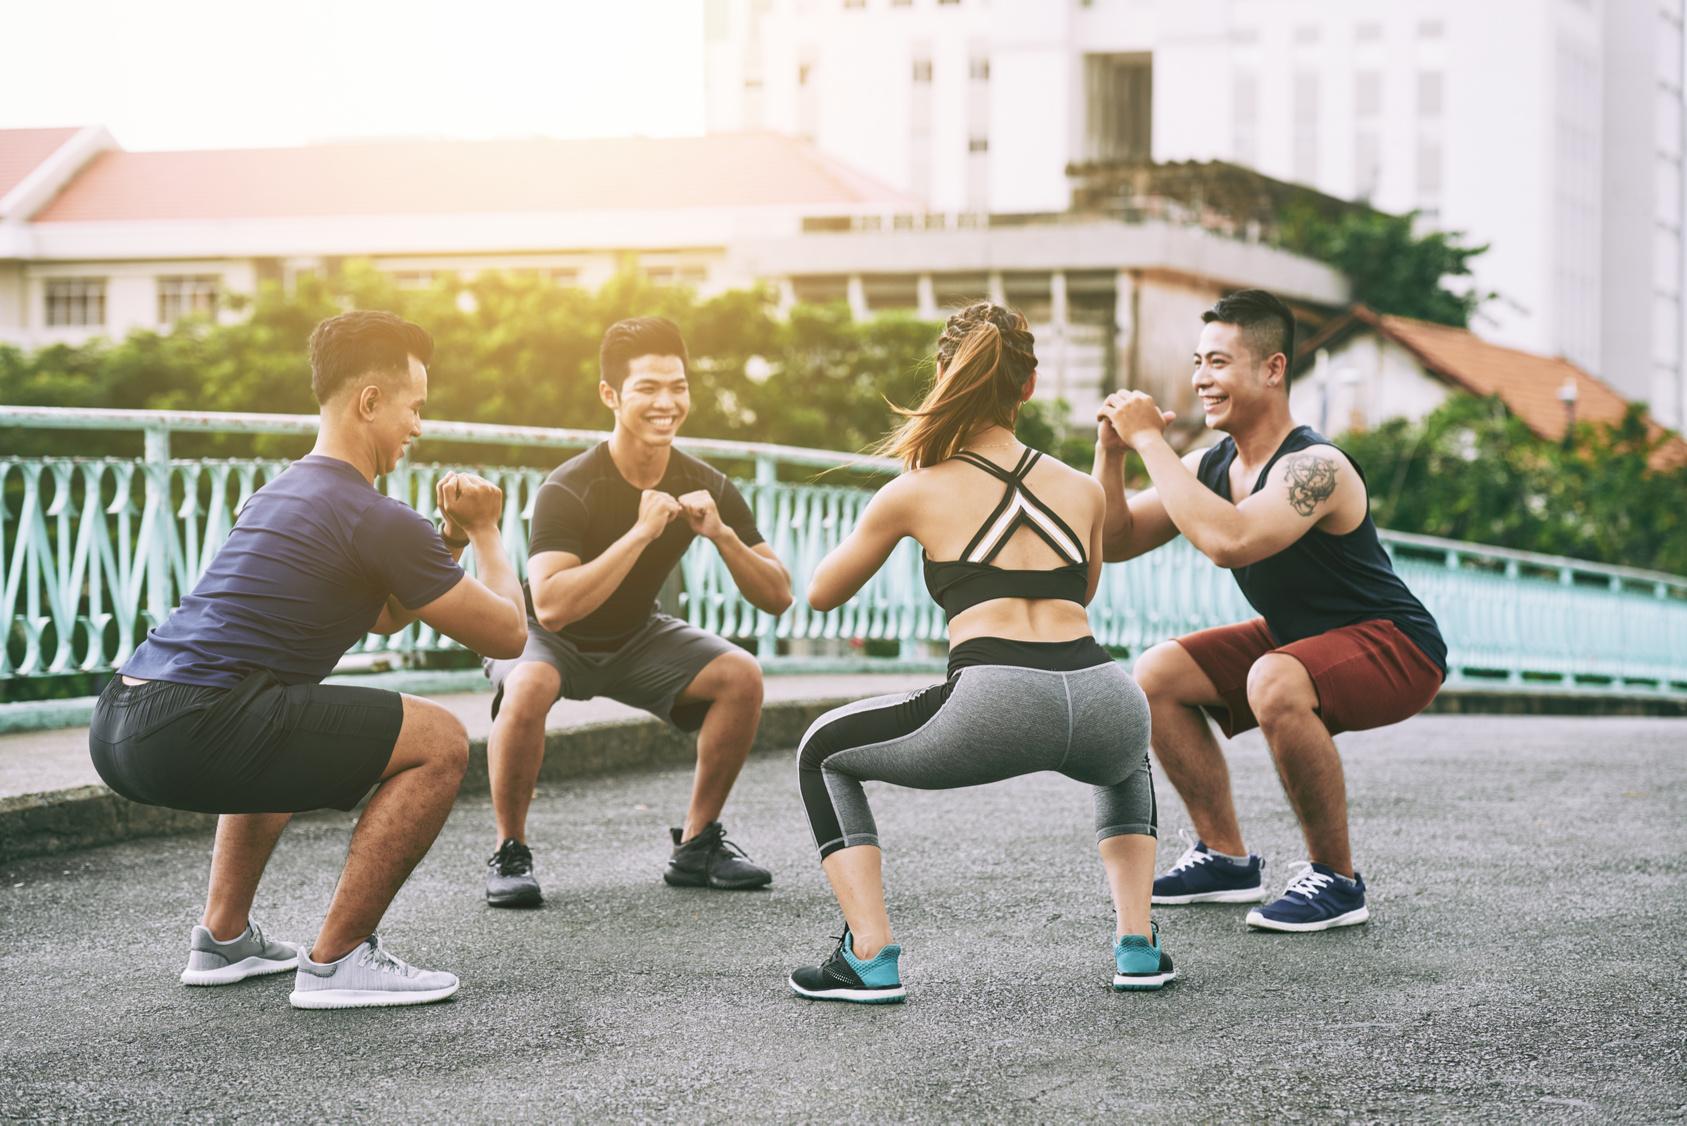 Comment Faire bouger ses collègues grâce au sport connecté en entreprise